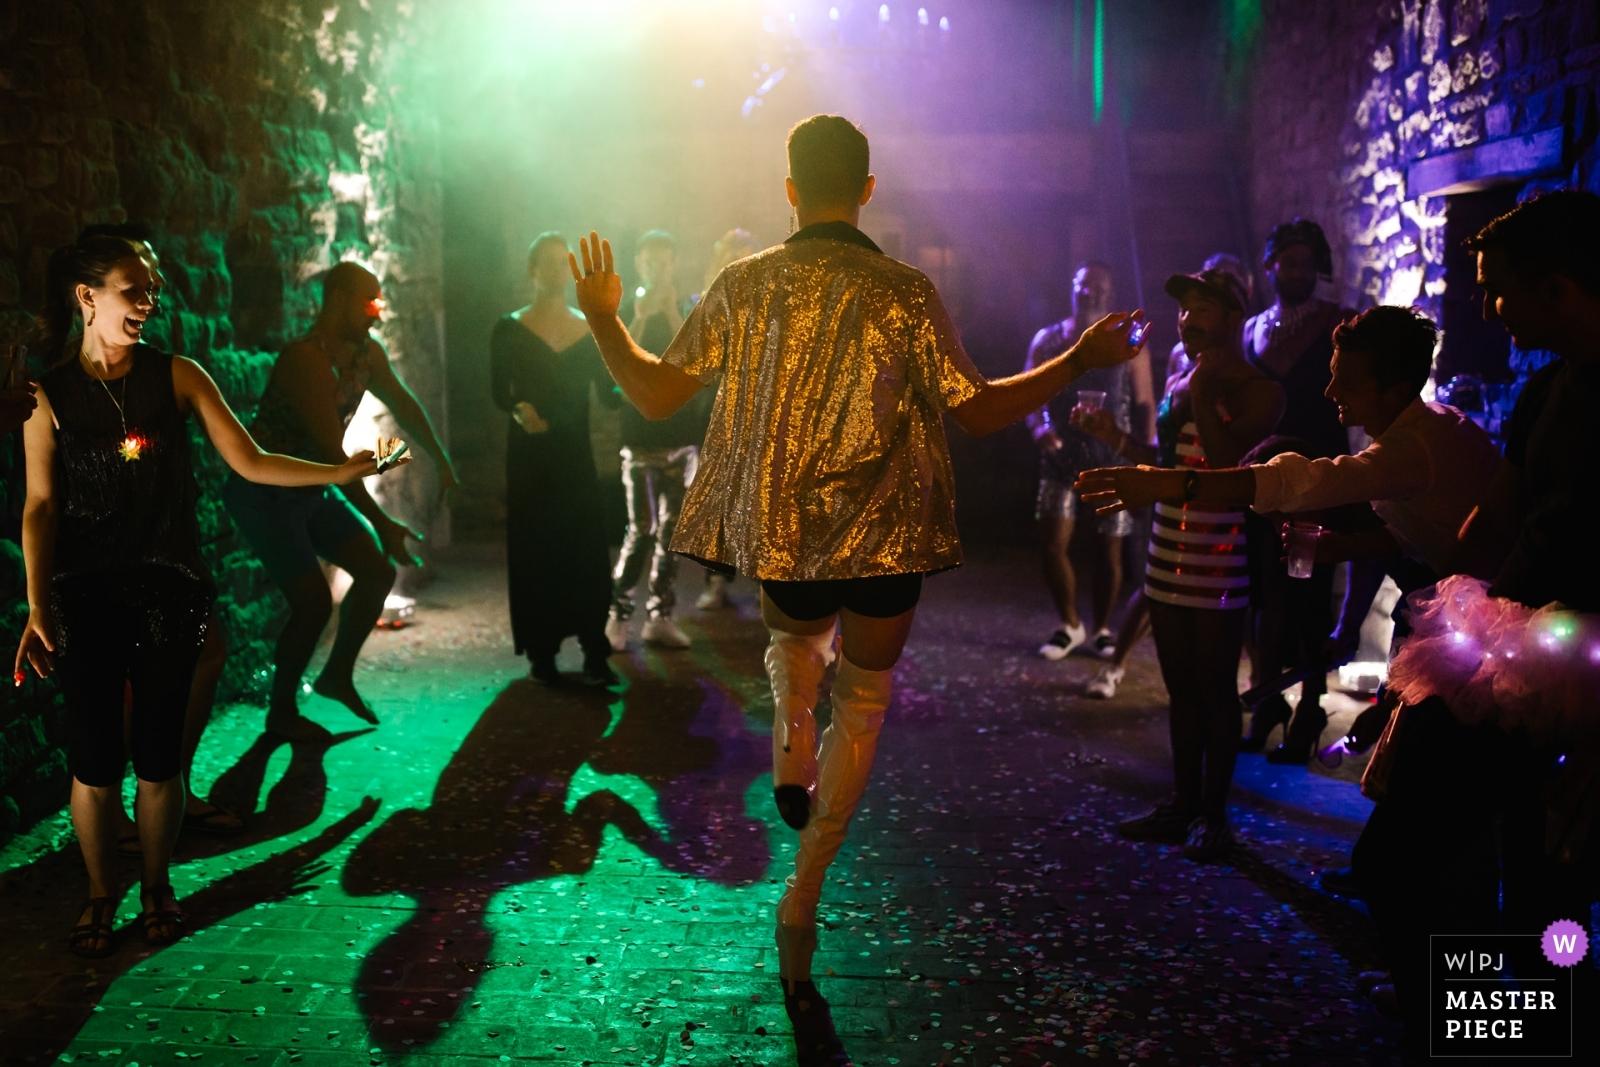 Wedding guests dancing - Portofino, Genoa Wedding Photography -  | Castello di Rosciano, Umbria, Italy